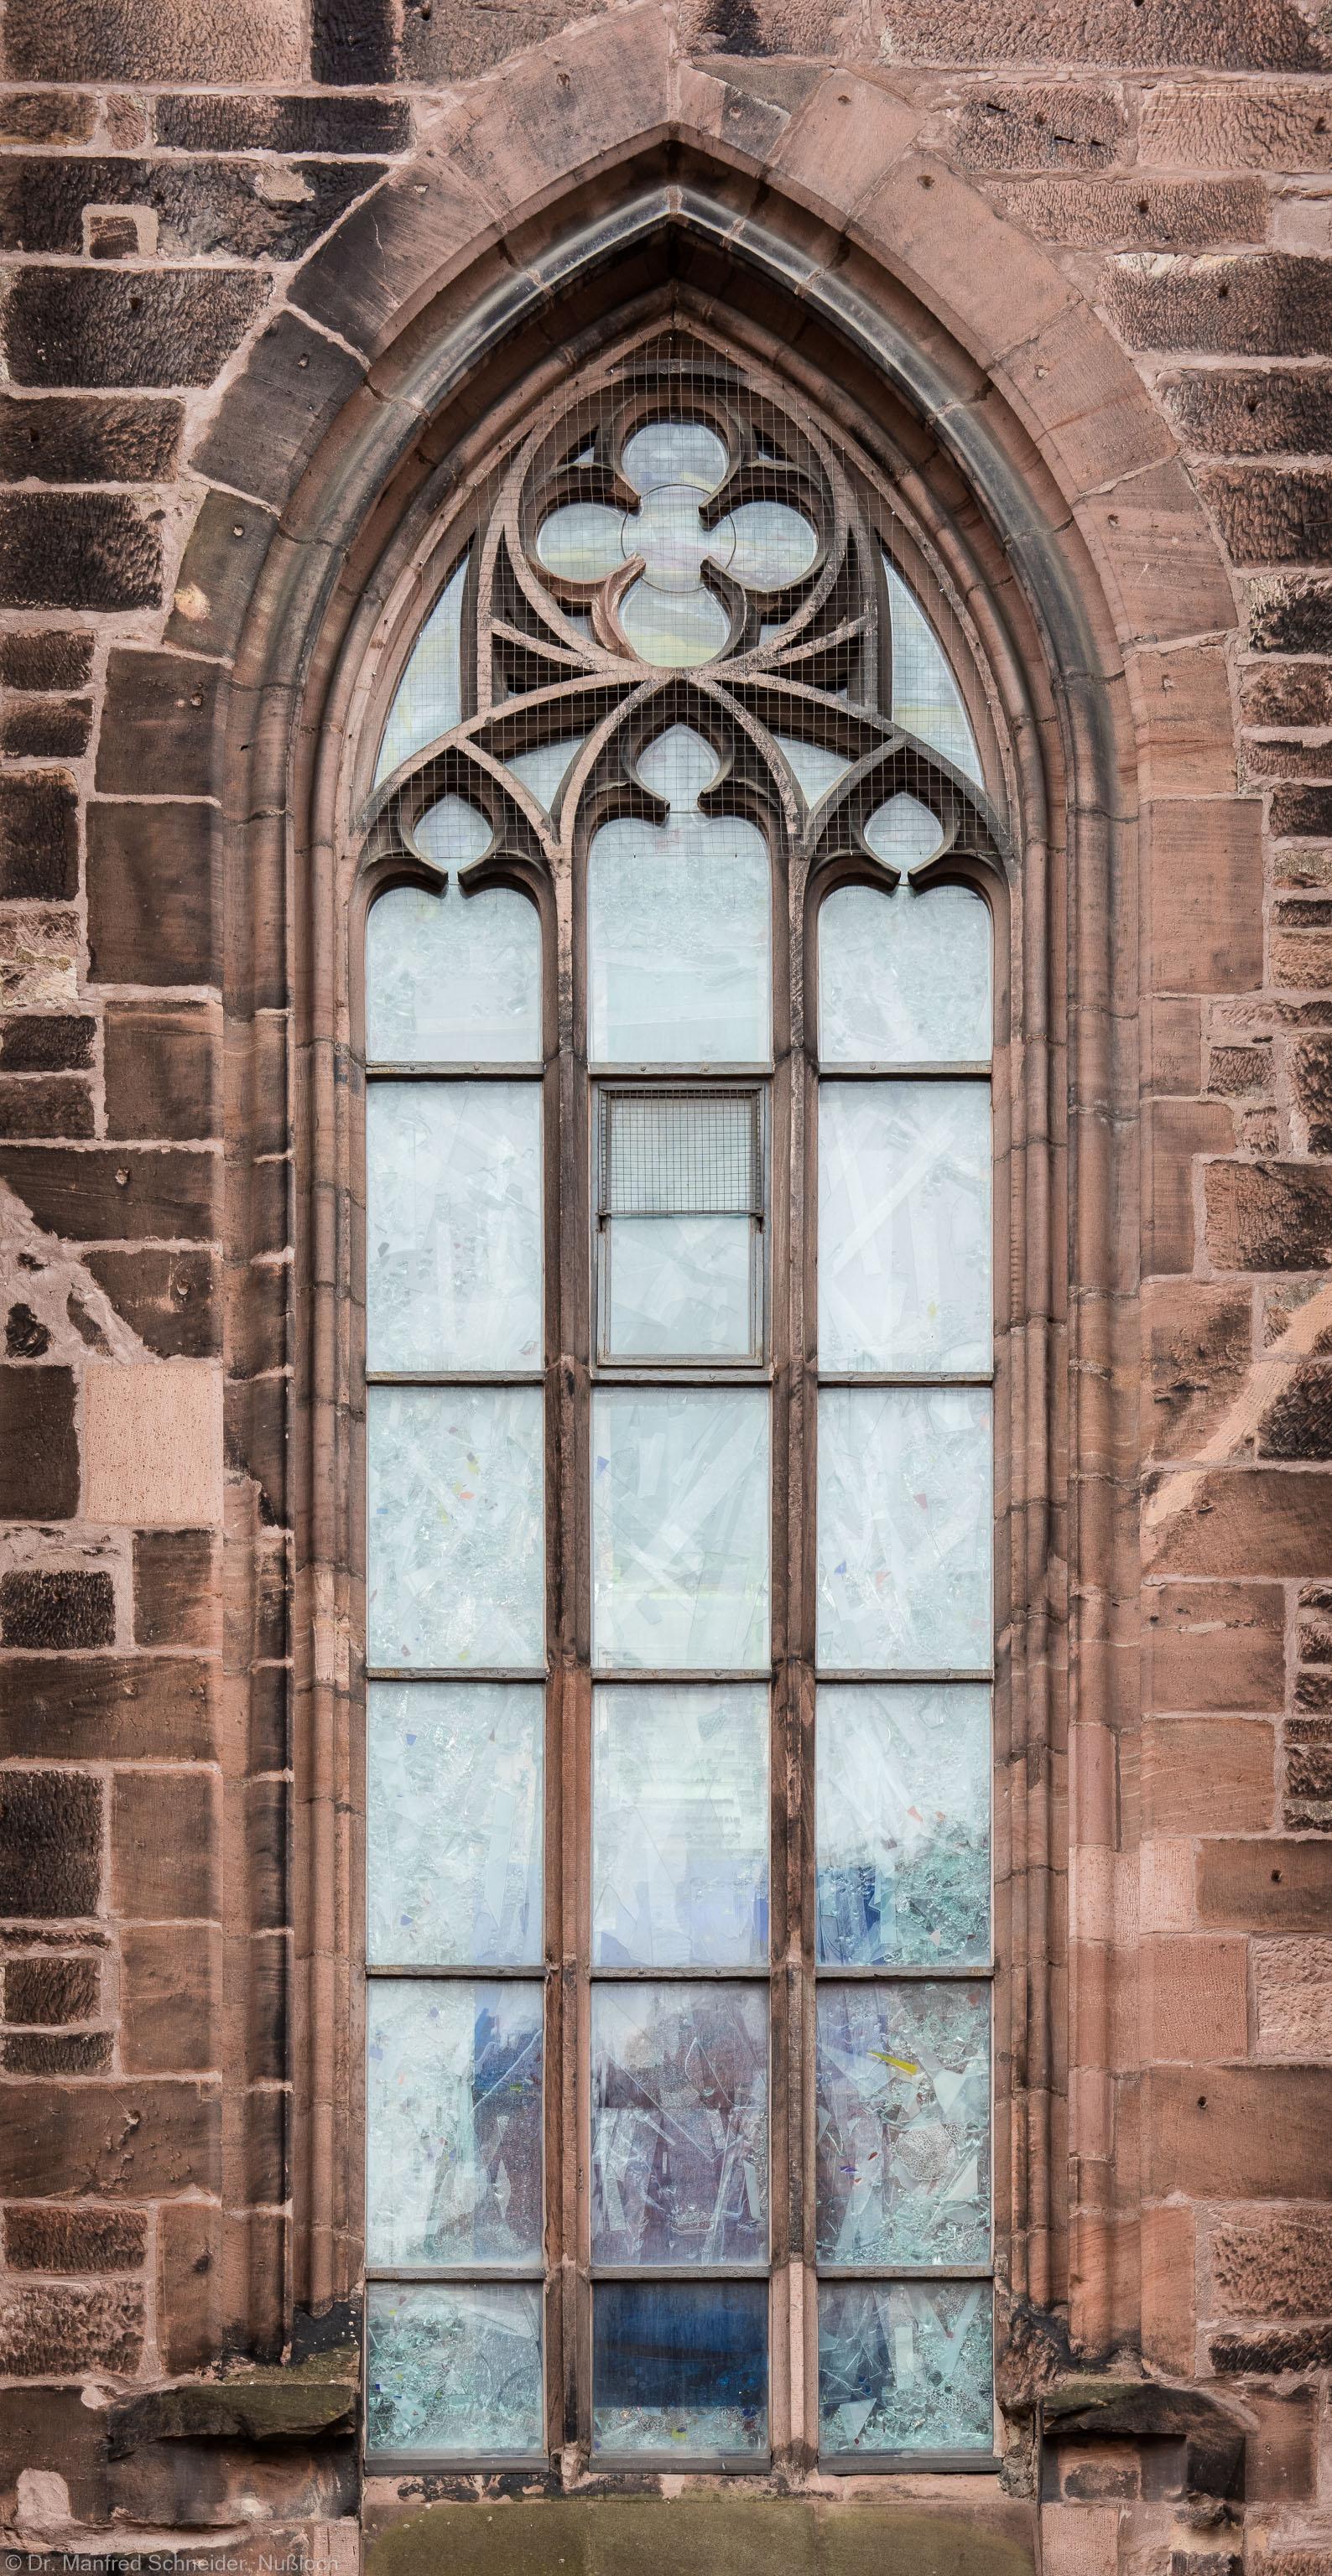 """Heidelberg - Heiliggeistkirche - Nordseite - 4. Fenster des Nordschiffs, von Westen aus gezählt - Blick auf das Fenster """"Schöpfungsgeschichte - Der Weltkreis ist voll vom Geiste Gottes"""" von Hella De Santarossa (aufgenommen im Oktober 2015, am späten Vormittag)"""